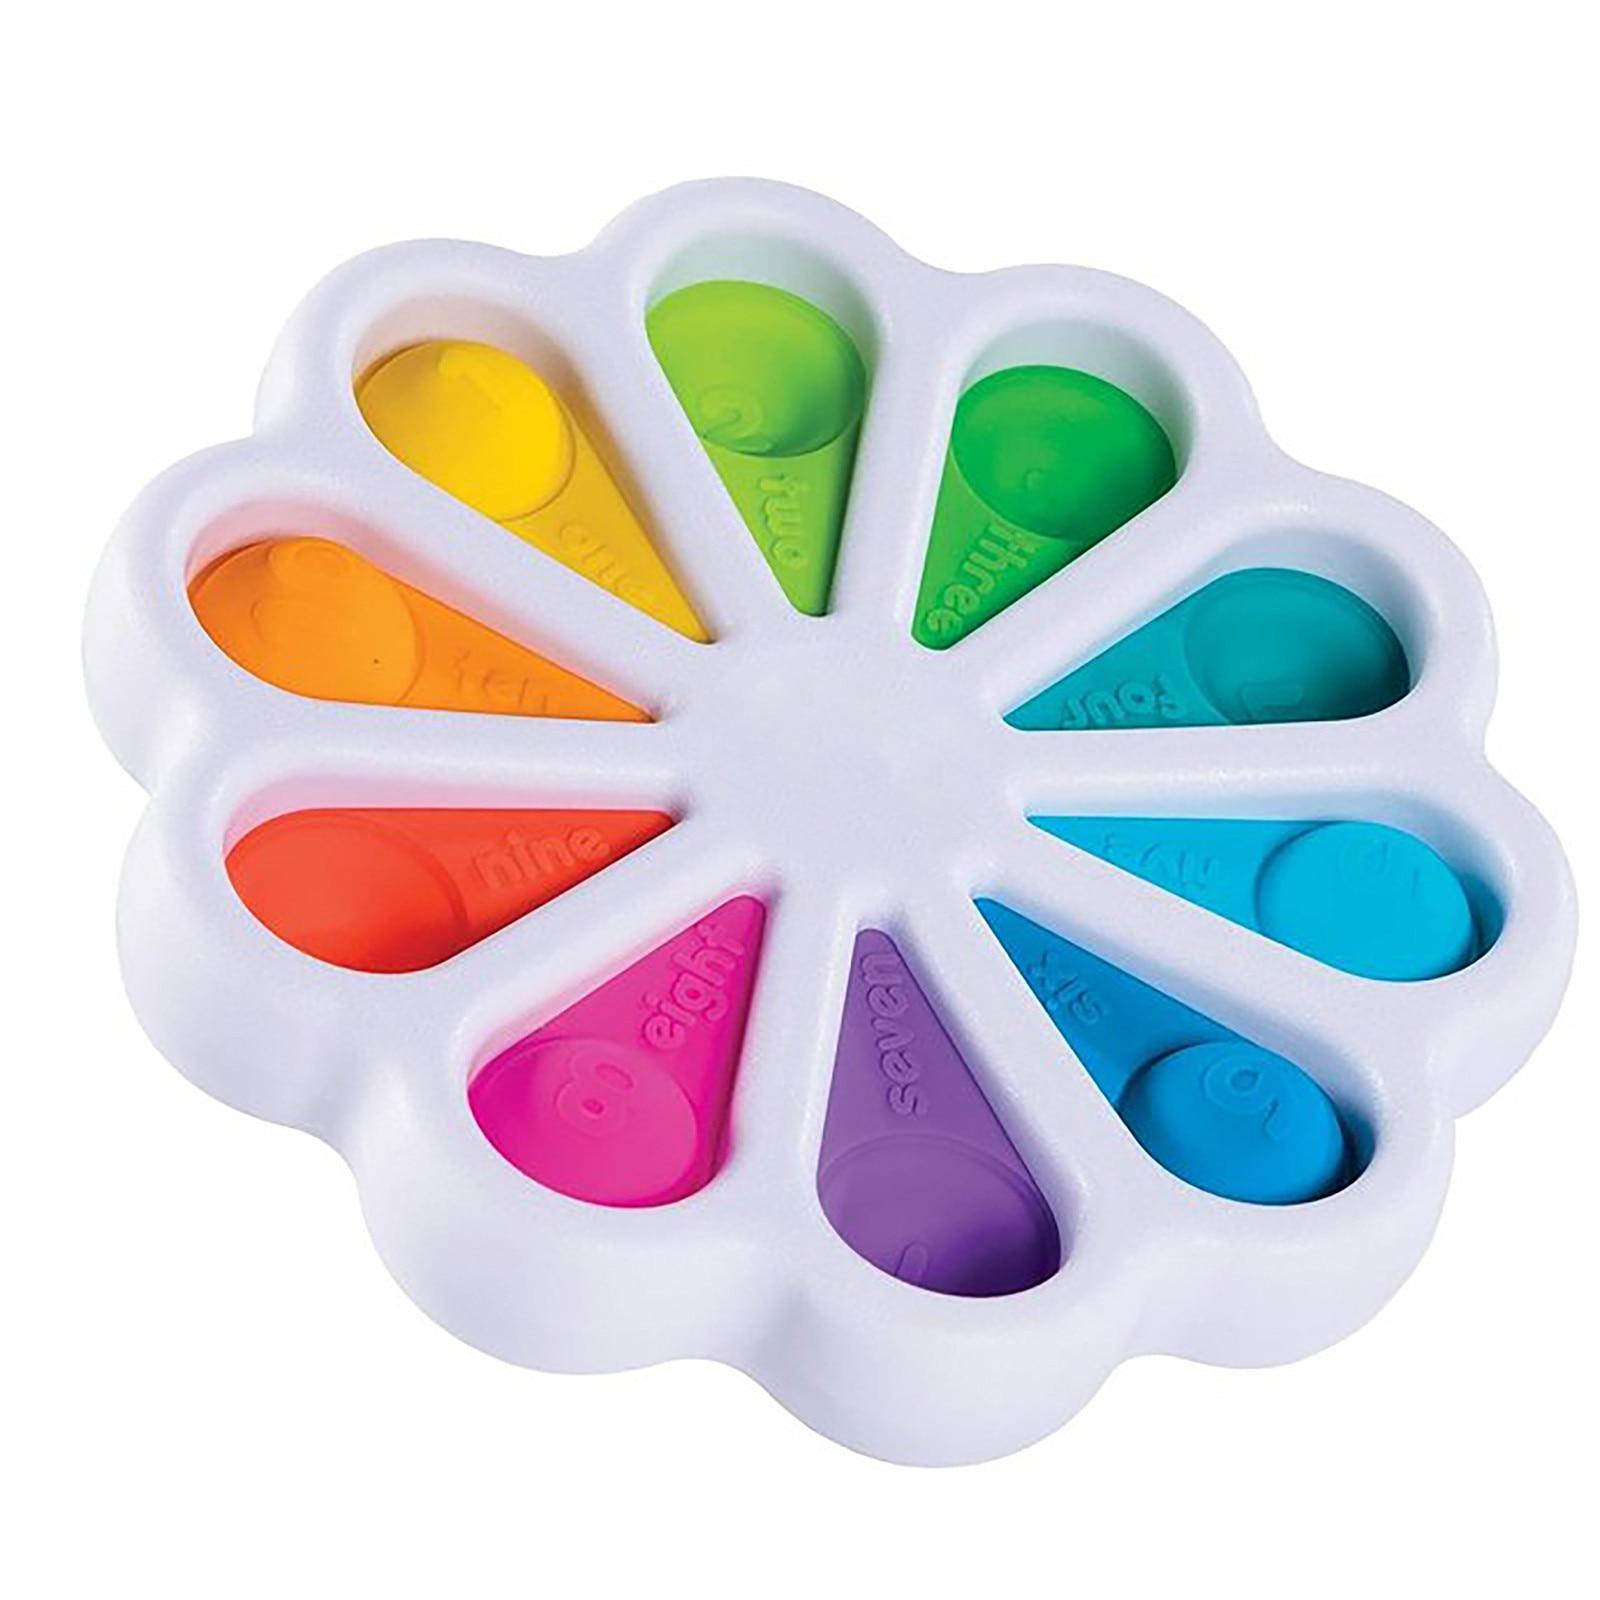 Игрушка-антистресс для детей и взрослых, игрушка для снятия стресса, для раннего развития аутизма и особых потребностей